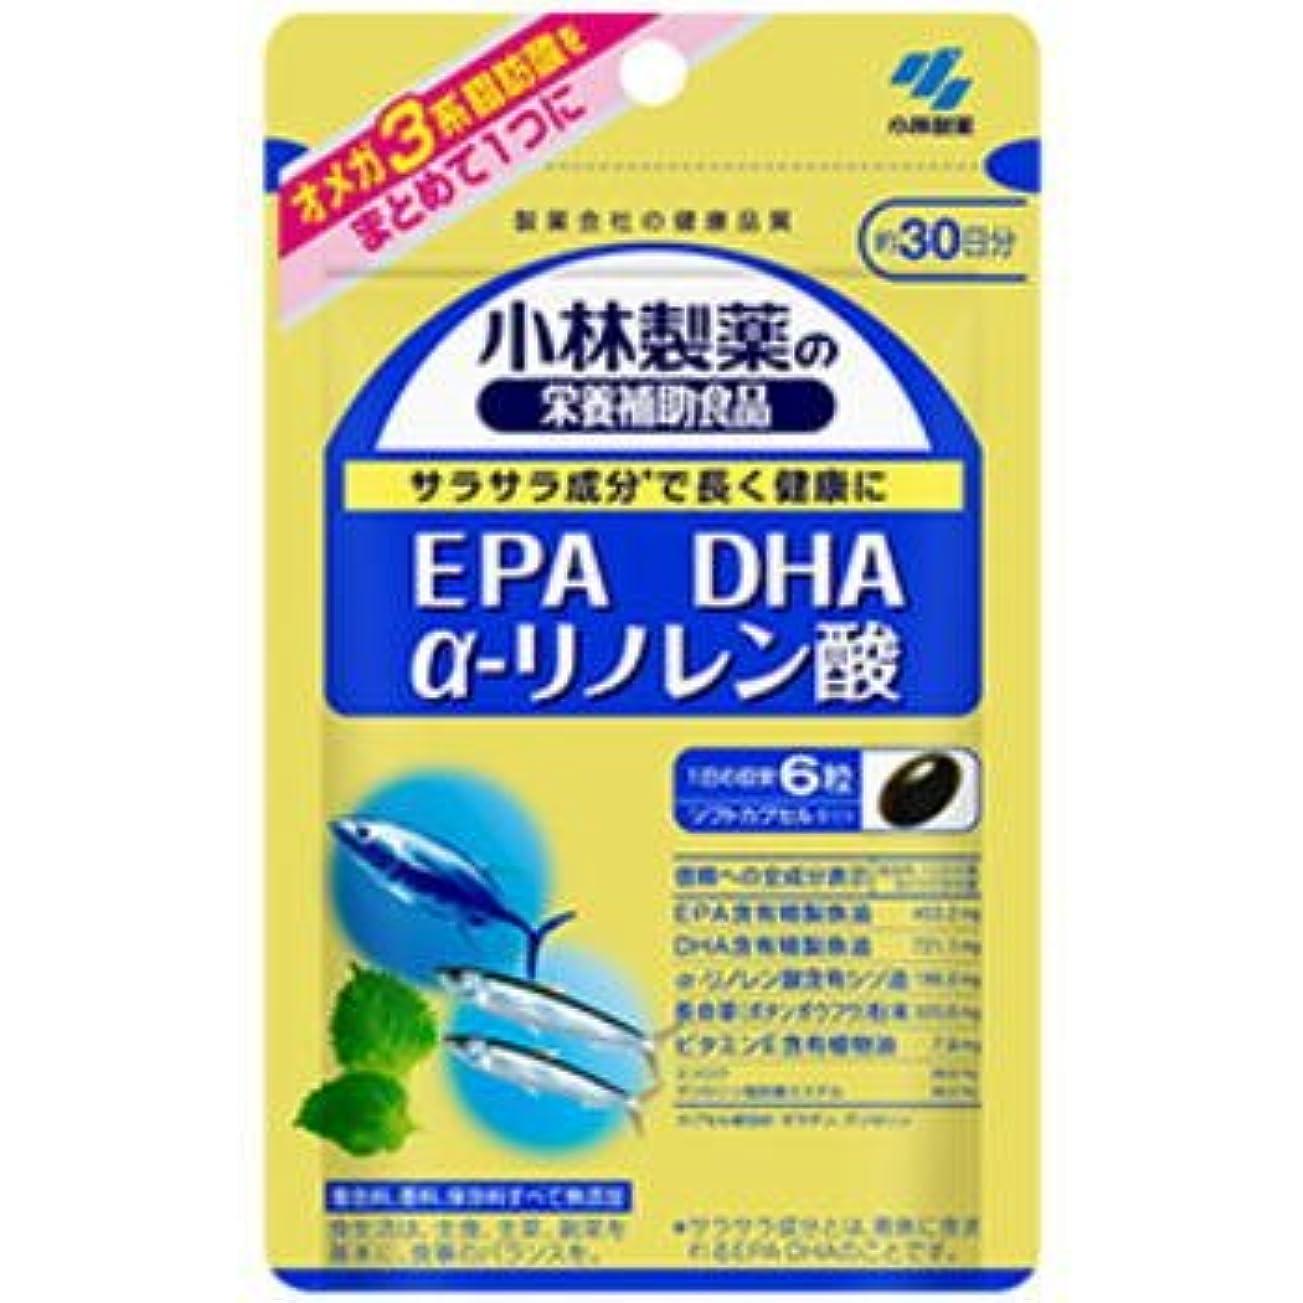 早熟ちょっと待って陽気な小林製薬 EPA DHA α-リノレン酸 180粒×3個セット【ネコポス発送】